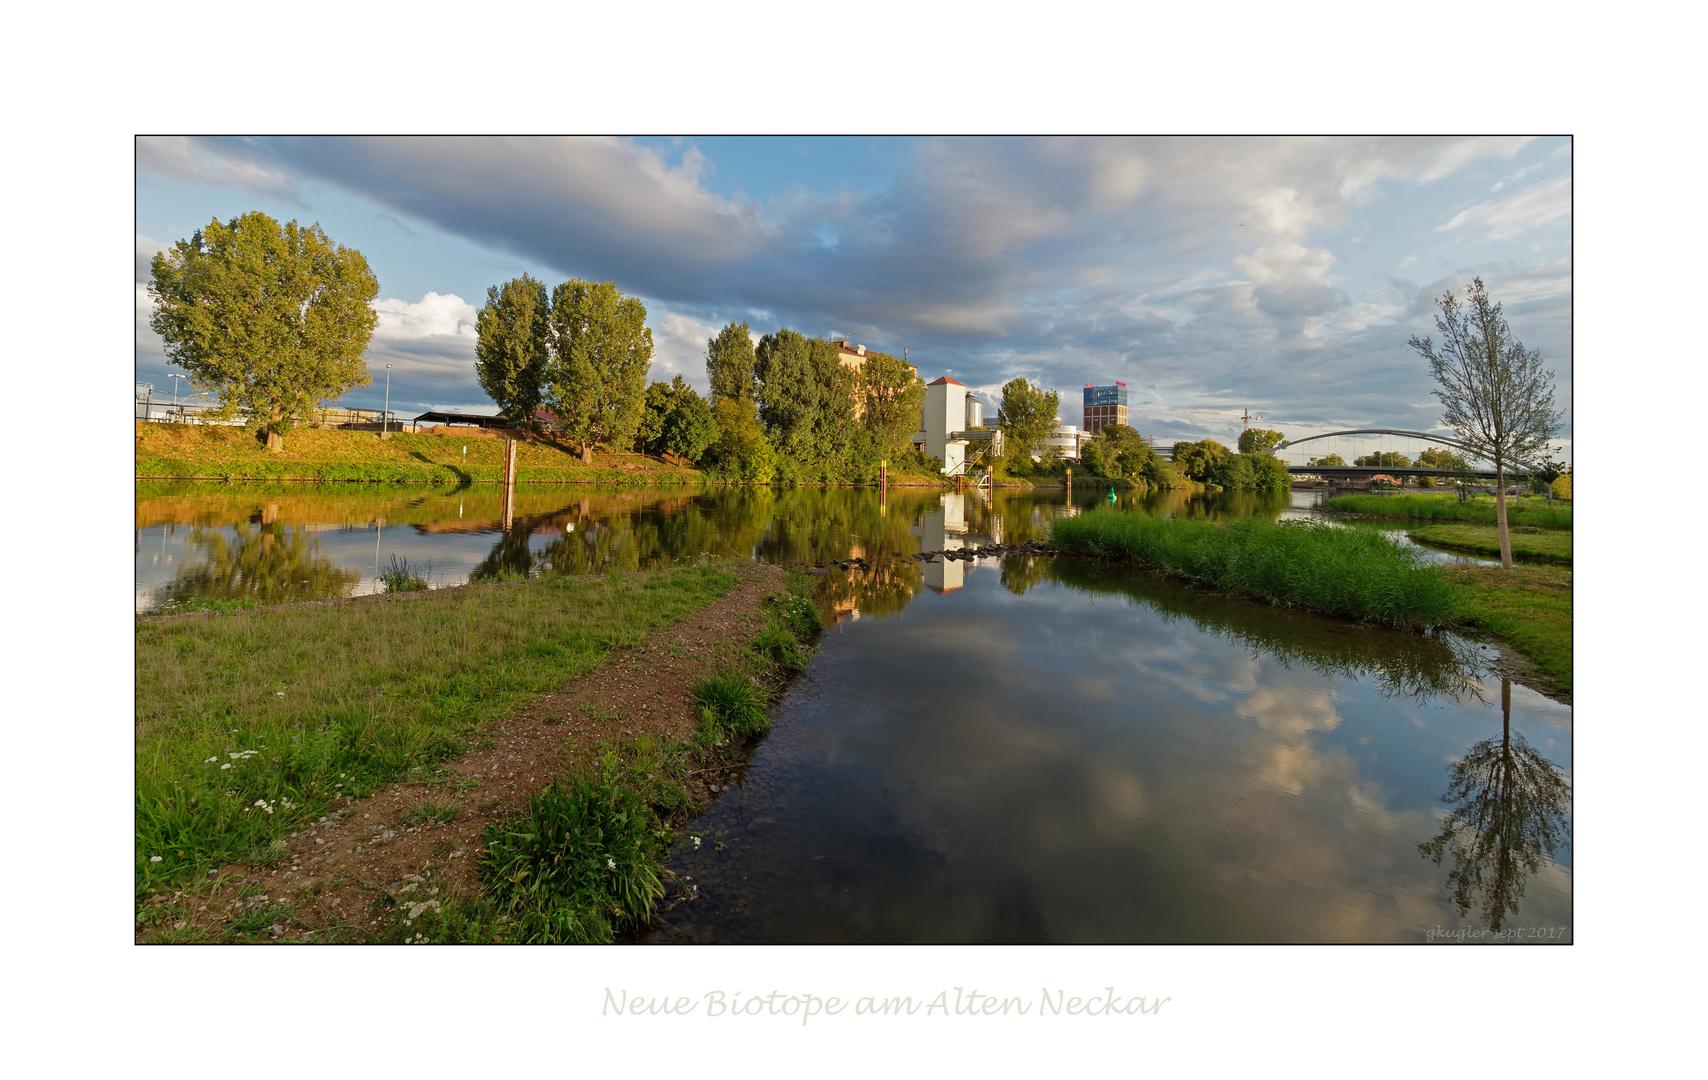 Gestaltung des Neckarufers in Heilbronn